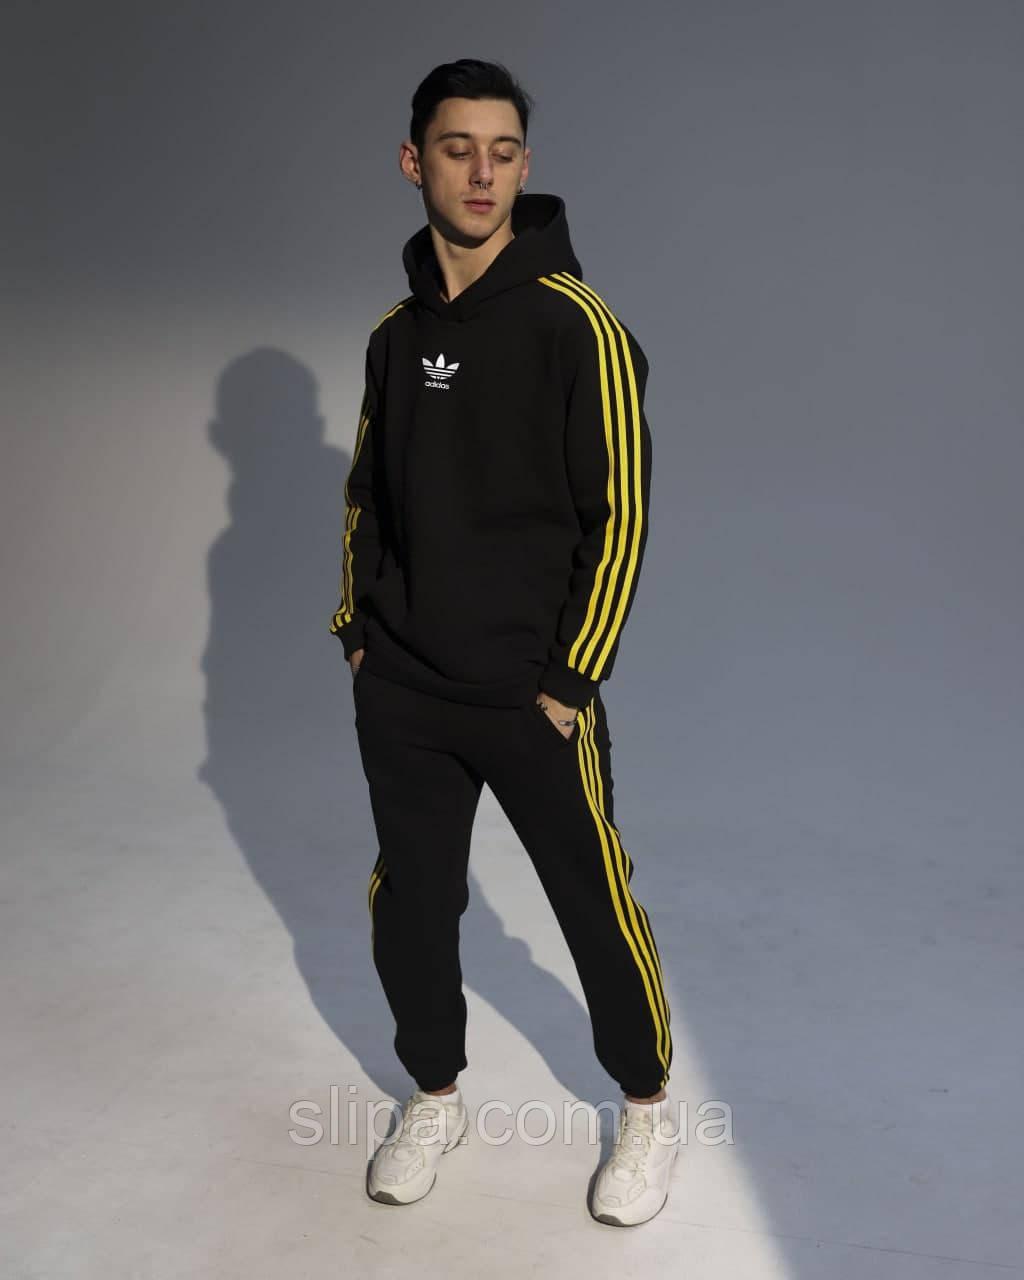 Мужской спортивный костюм в стиле Adidas чёрный с жёлтым